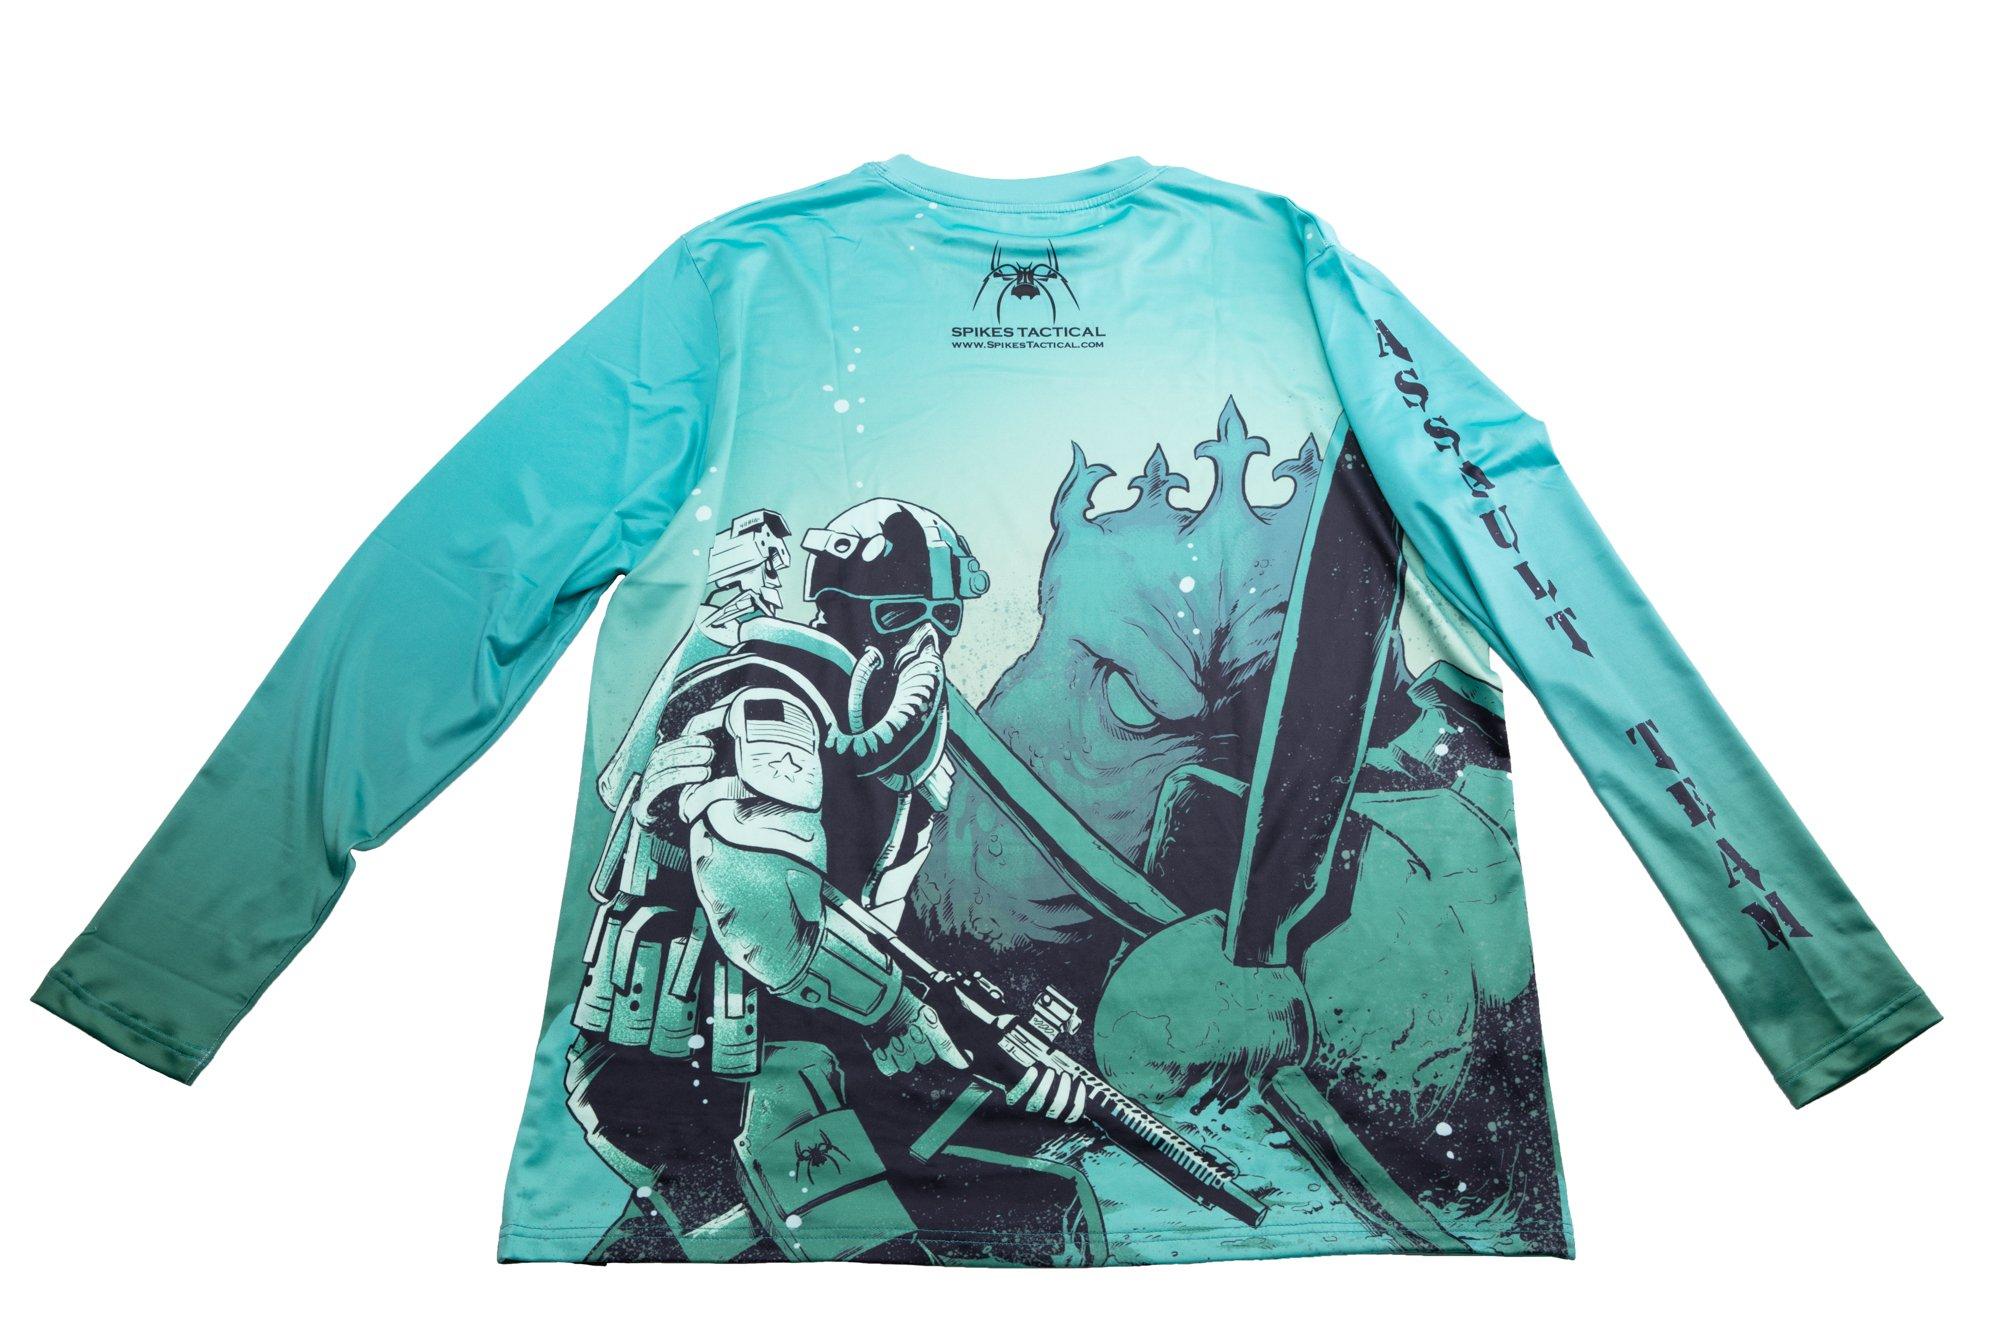 Spike's Kraken Fishing Shirt